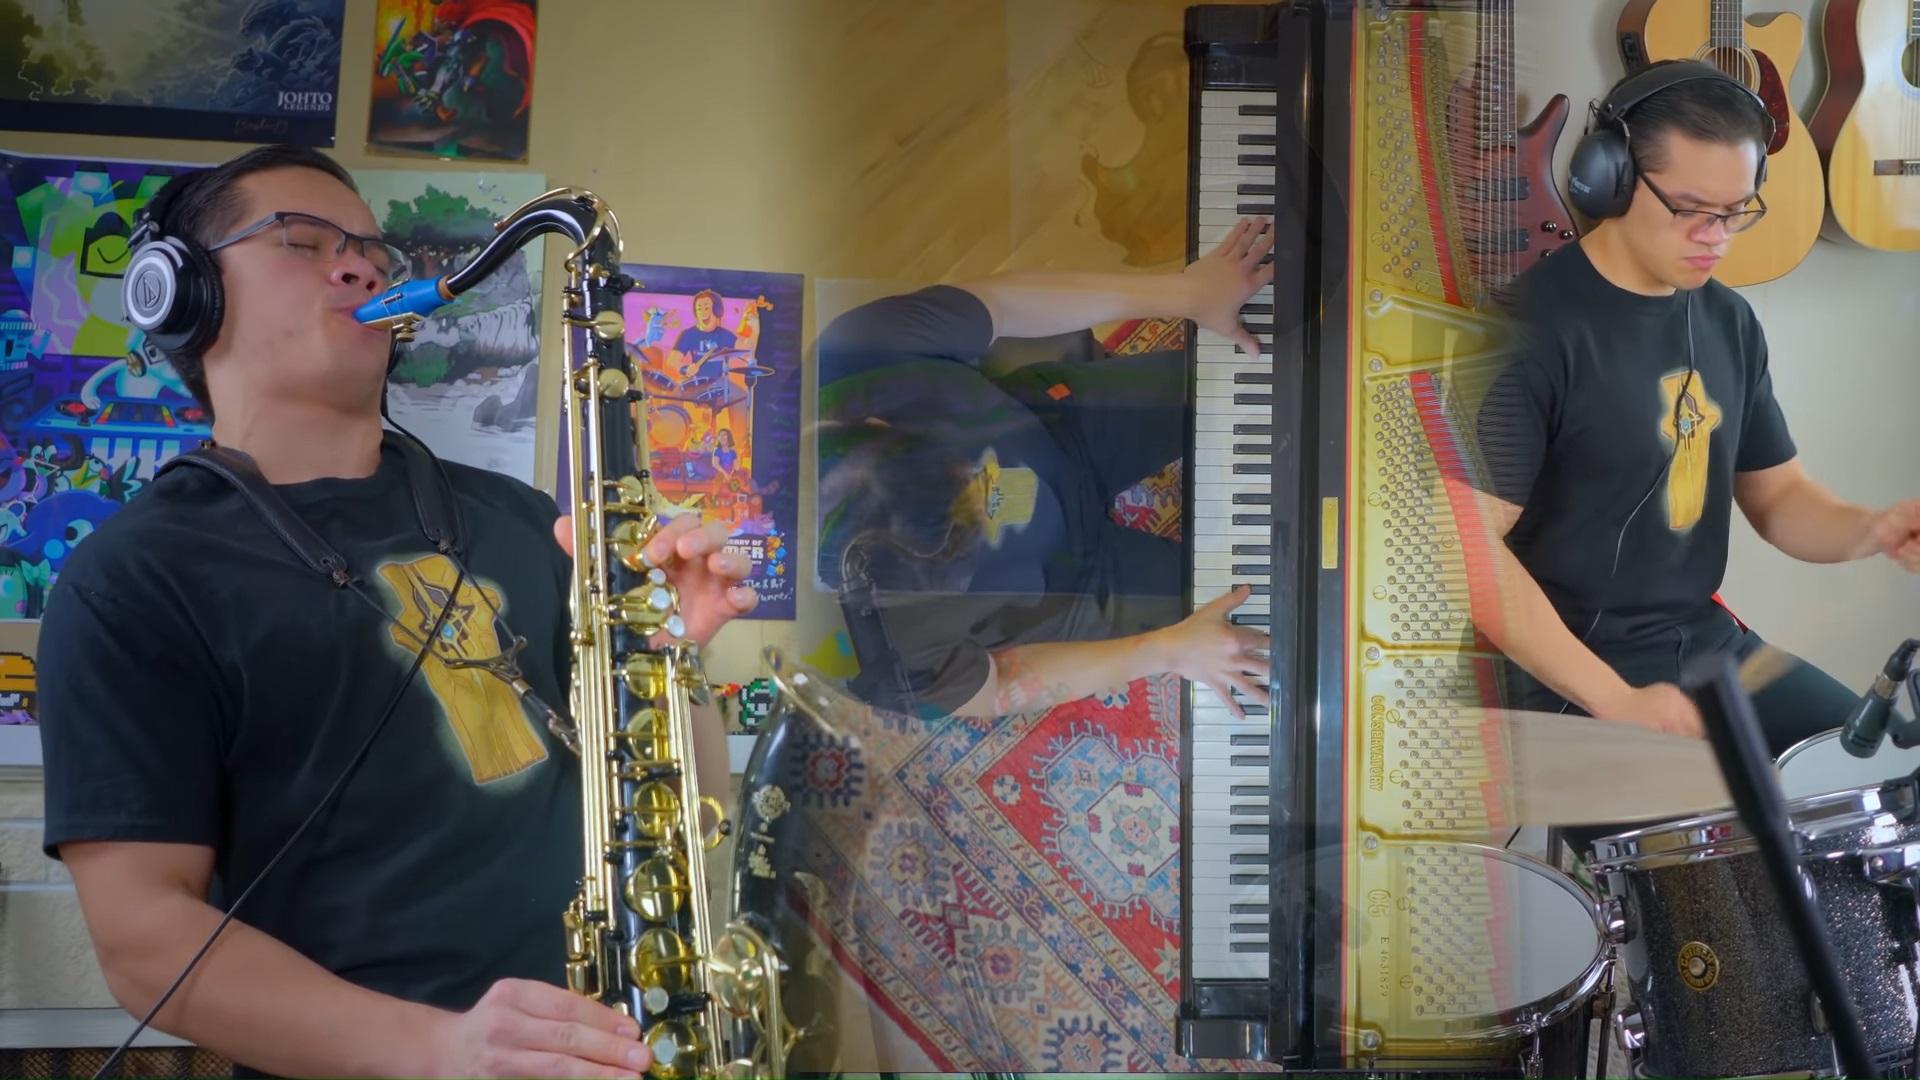 Insaneintherainmusic YouTube Video Game Music